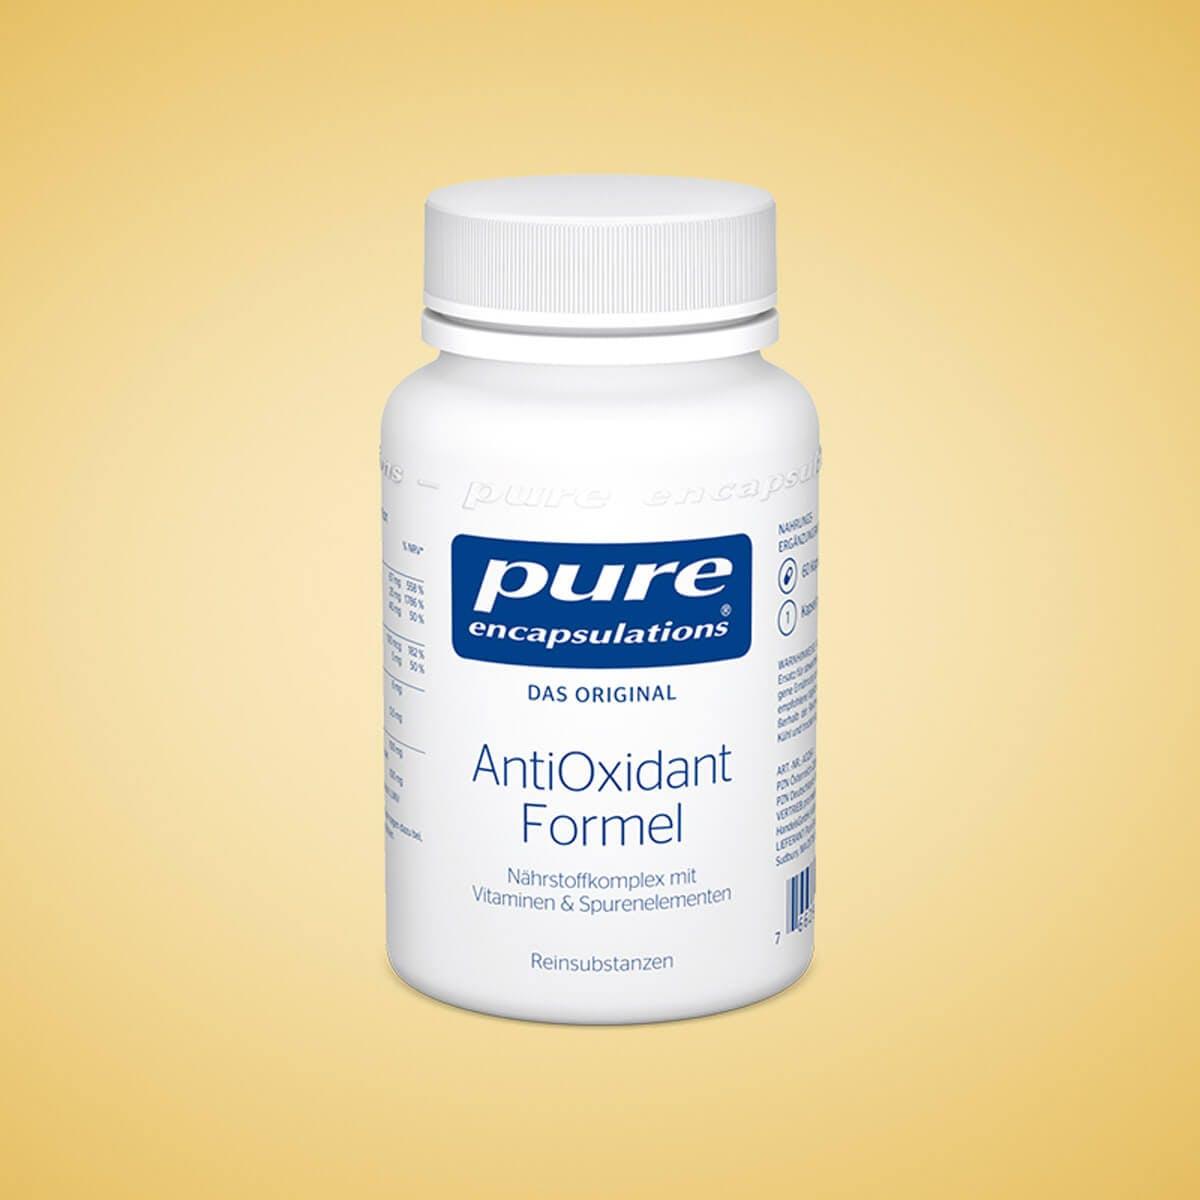 Die AntiOxidant Formel vereint wichtige Antioxidantien